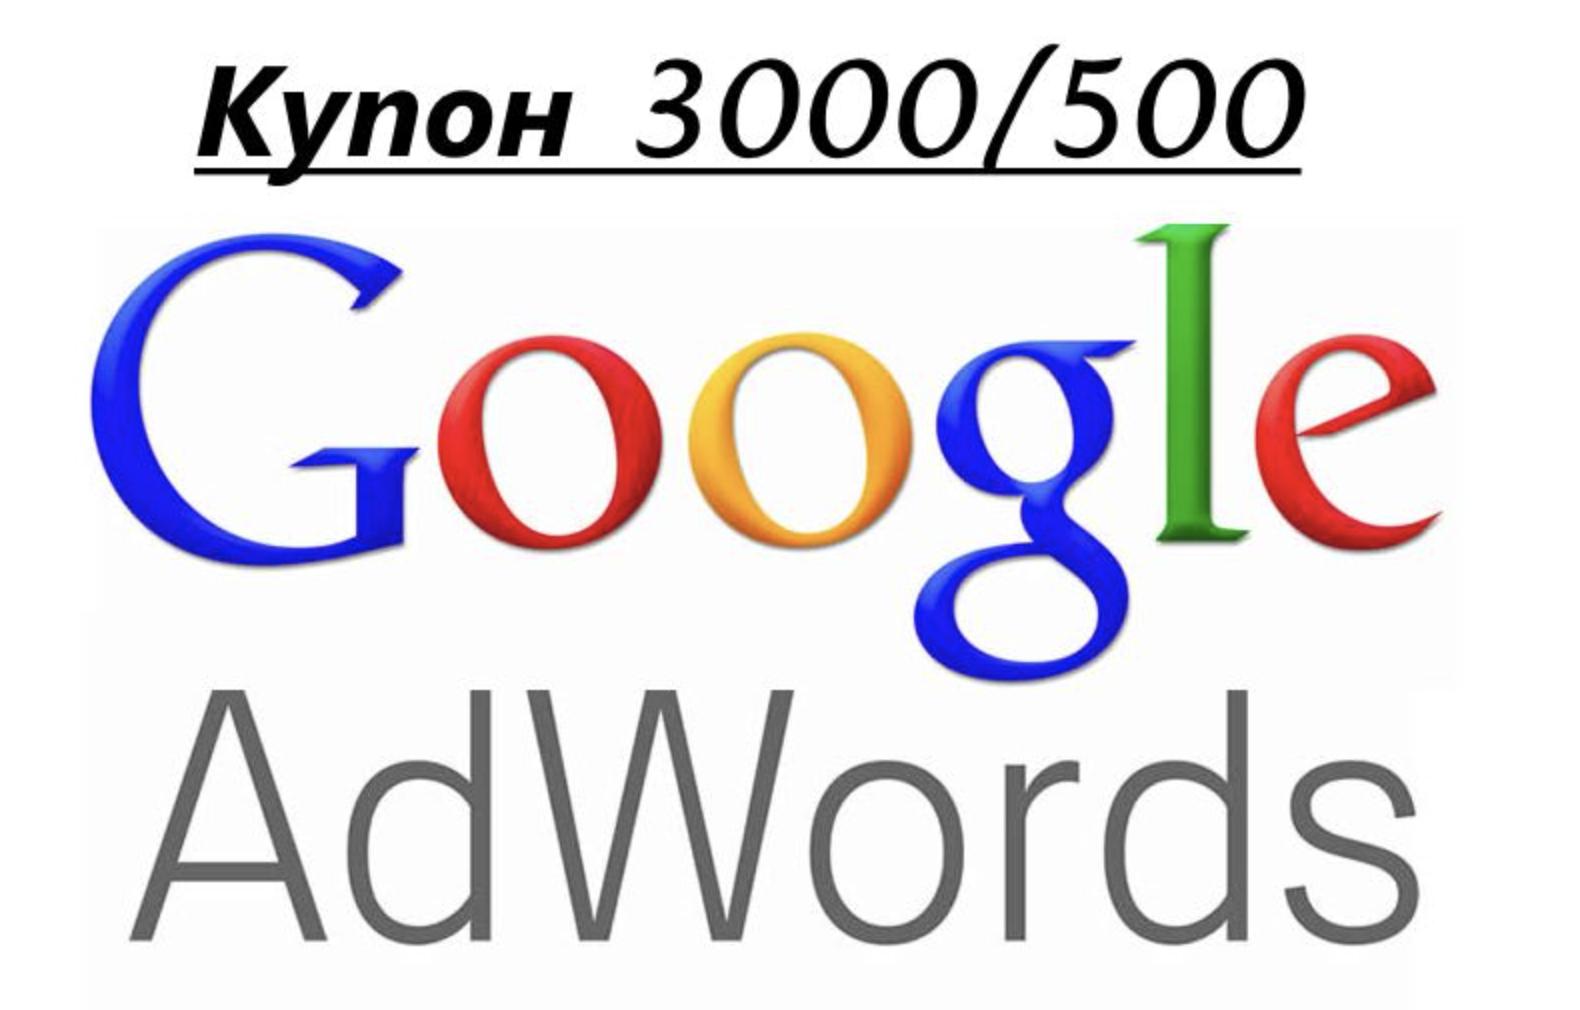 Фотография промокод купон google adwords (адвордс) на 3000/500 руб